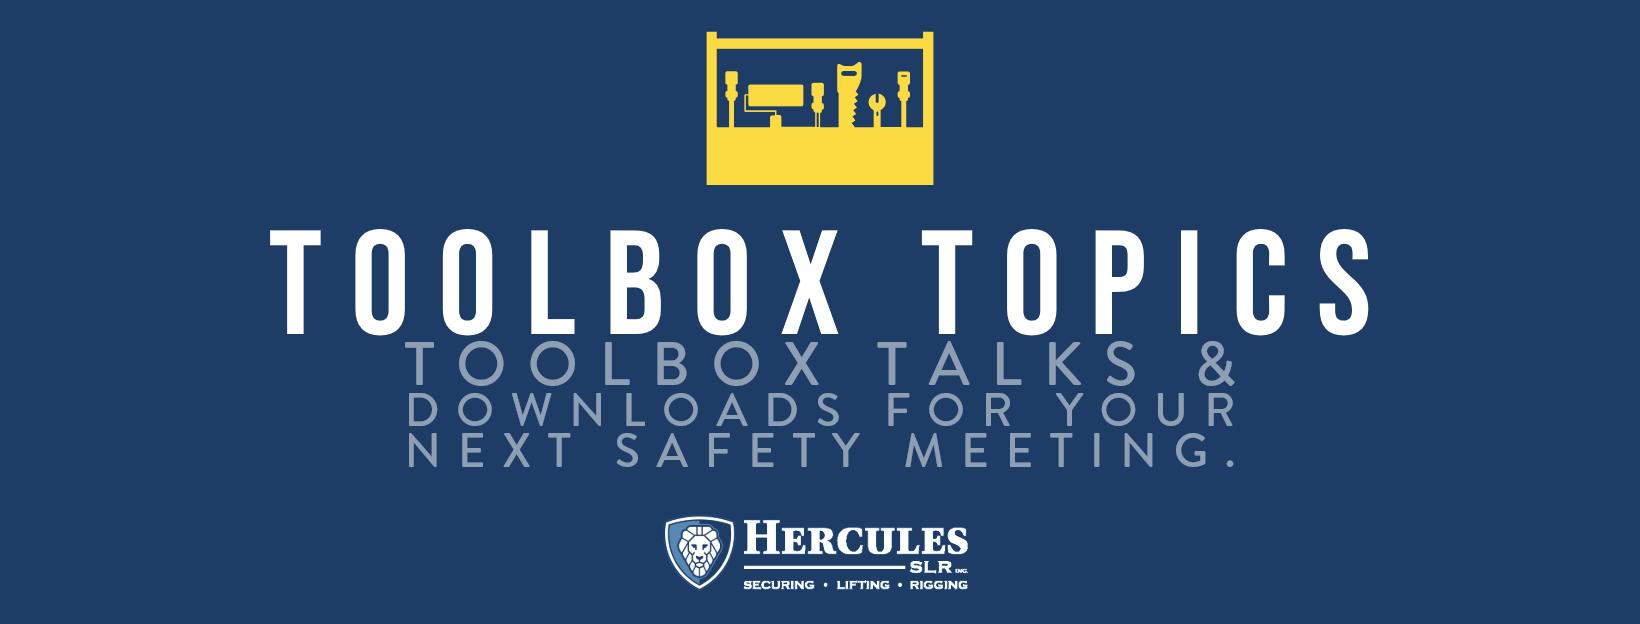 toolbox talk topics hercules slr